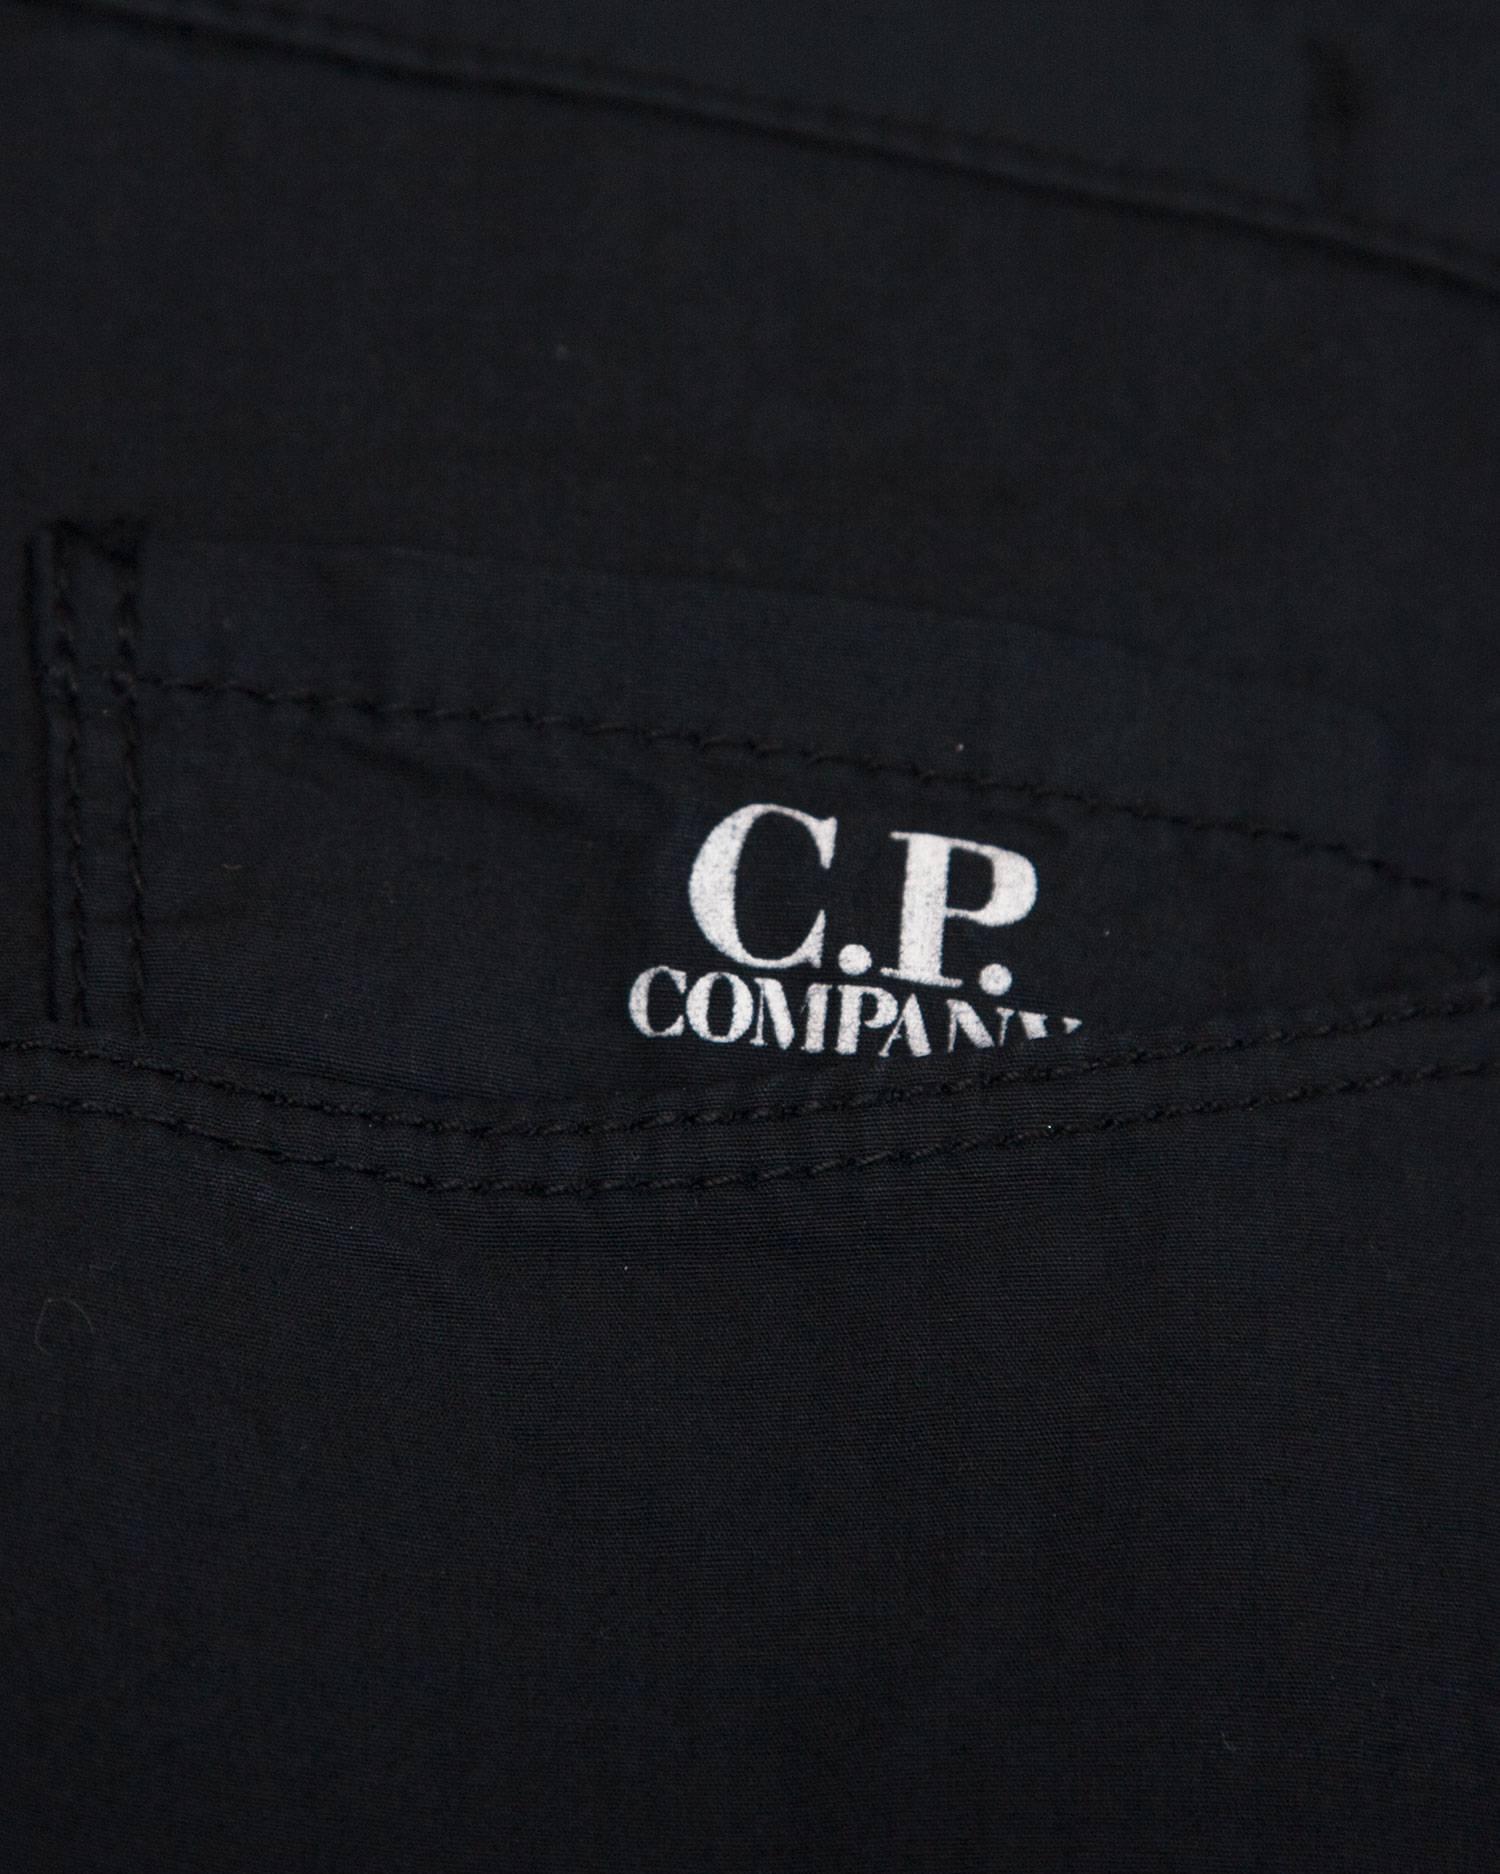 Брюки C.P.Company Standart Navy Chino.